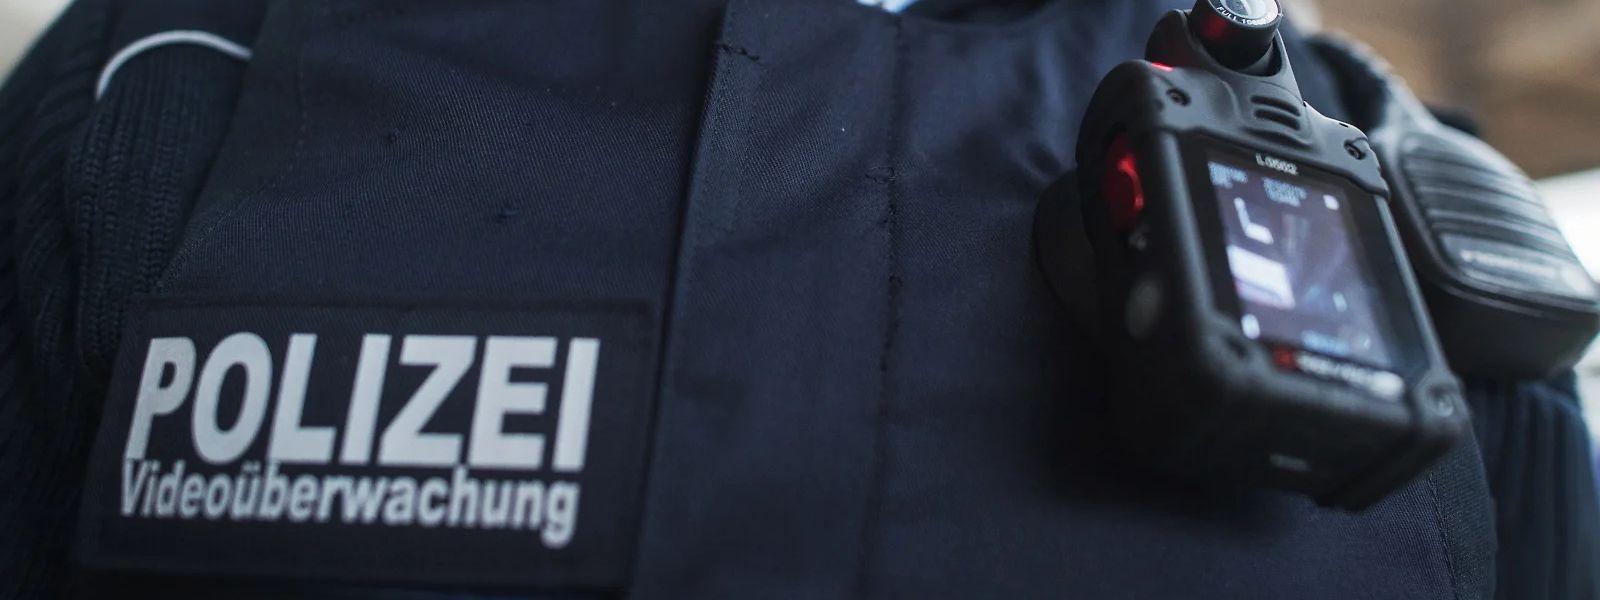 Seit 2013 gibt es in Deutschland Pilotprojekte zum polizeilichen Einsatz von Bodycams. Im Saarland wird seit 2018 auf ein Modell gesetzt, das dem polizeilichen Gegenüber auch das Aufnahmebild zeigt.